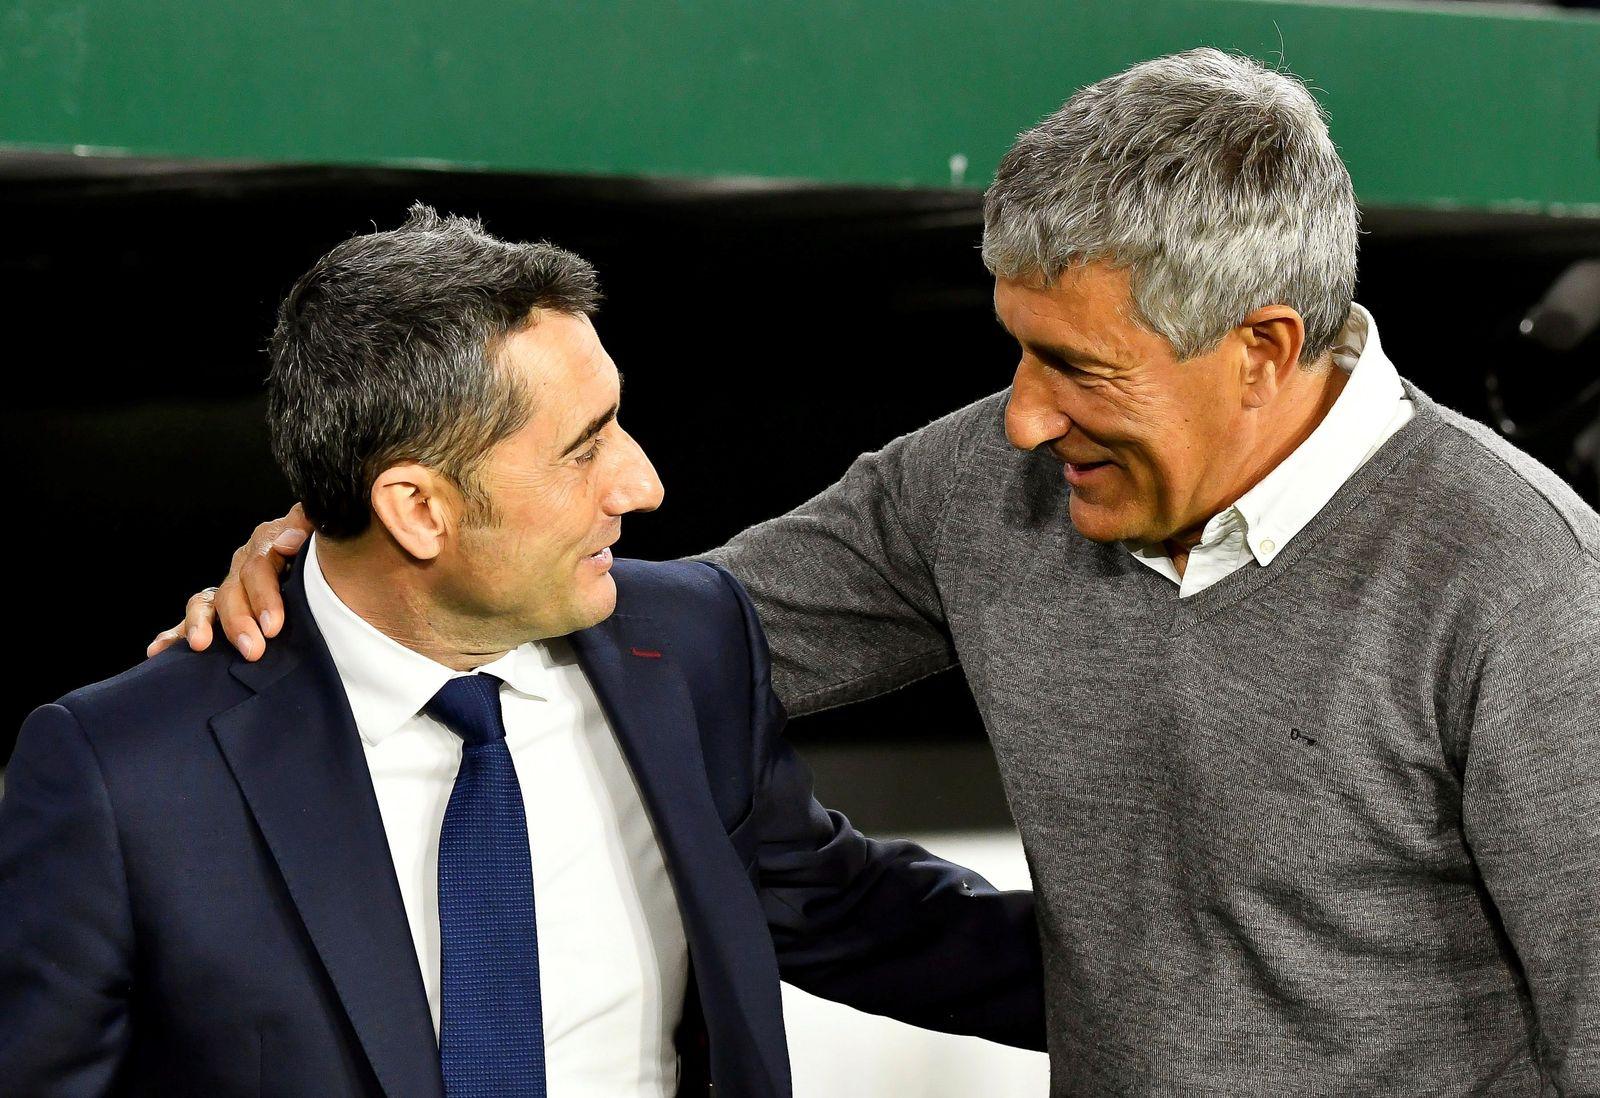 Quique Setien to replace Ernesto Valverde as head coach at FC Barcelona, Seville, Spain - 17 Mar 2019